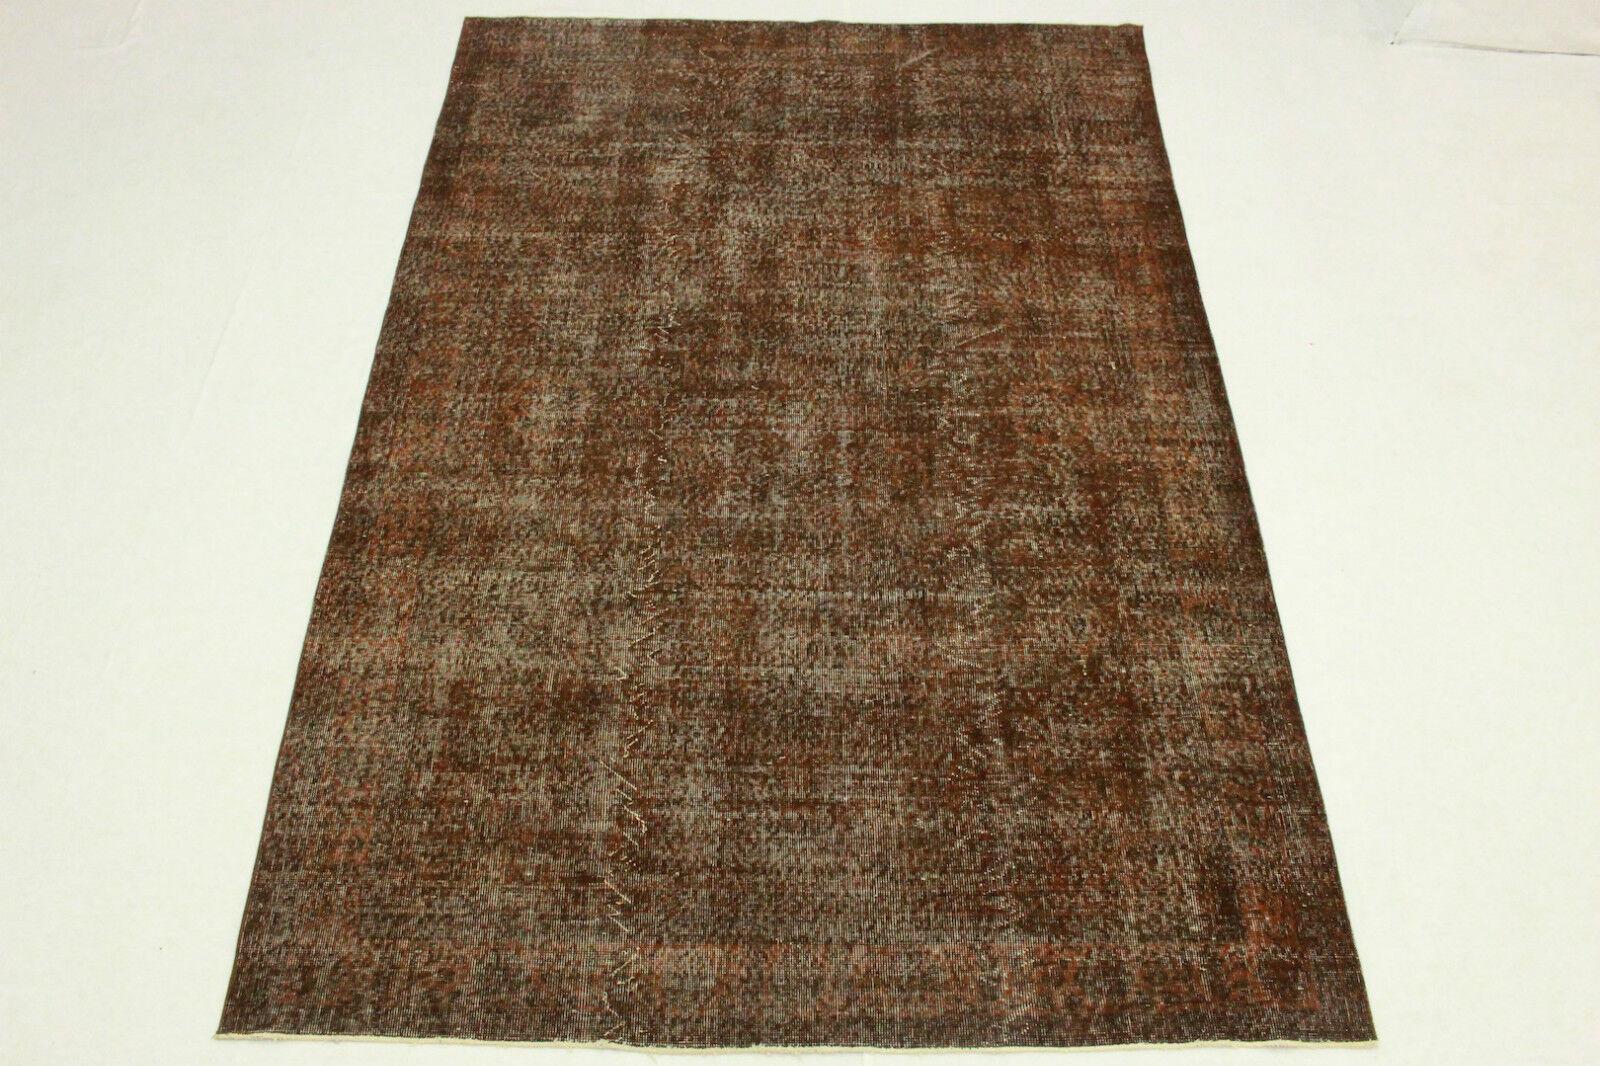 Orient alfombra vintage look usado óxido marrón 300x200 Edel oriental t5118